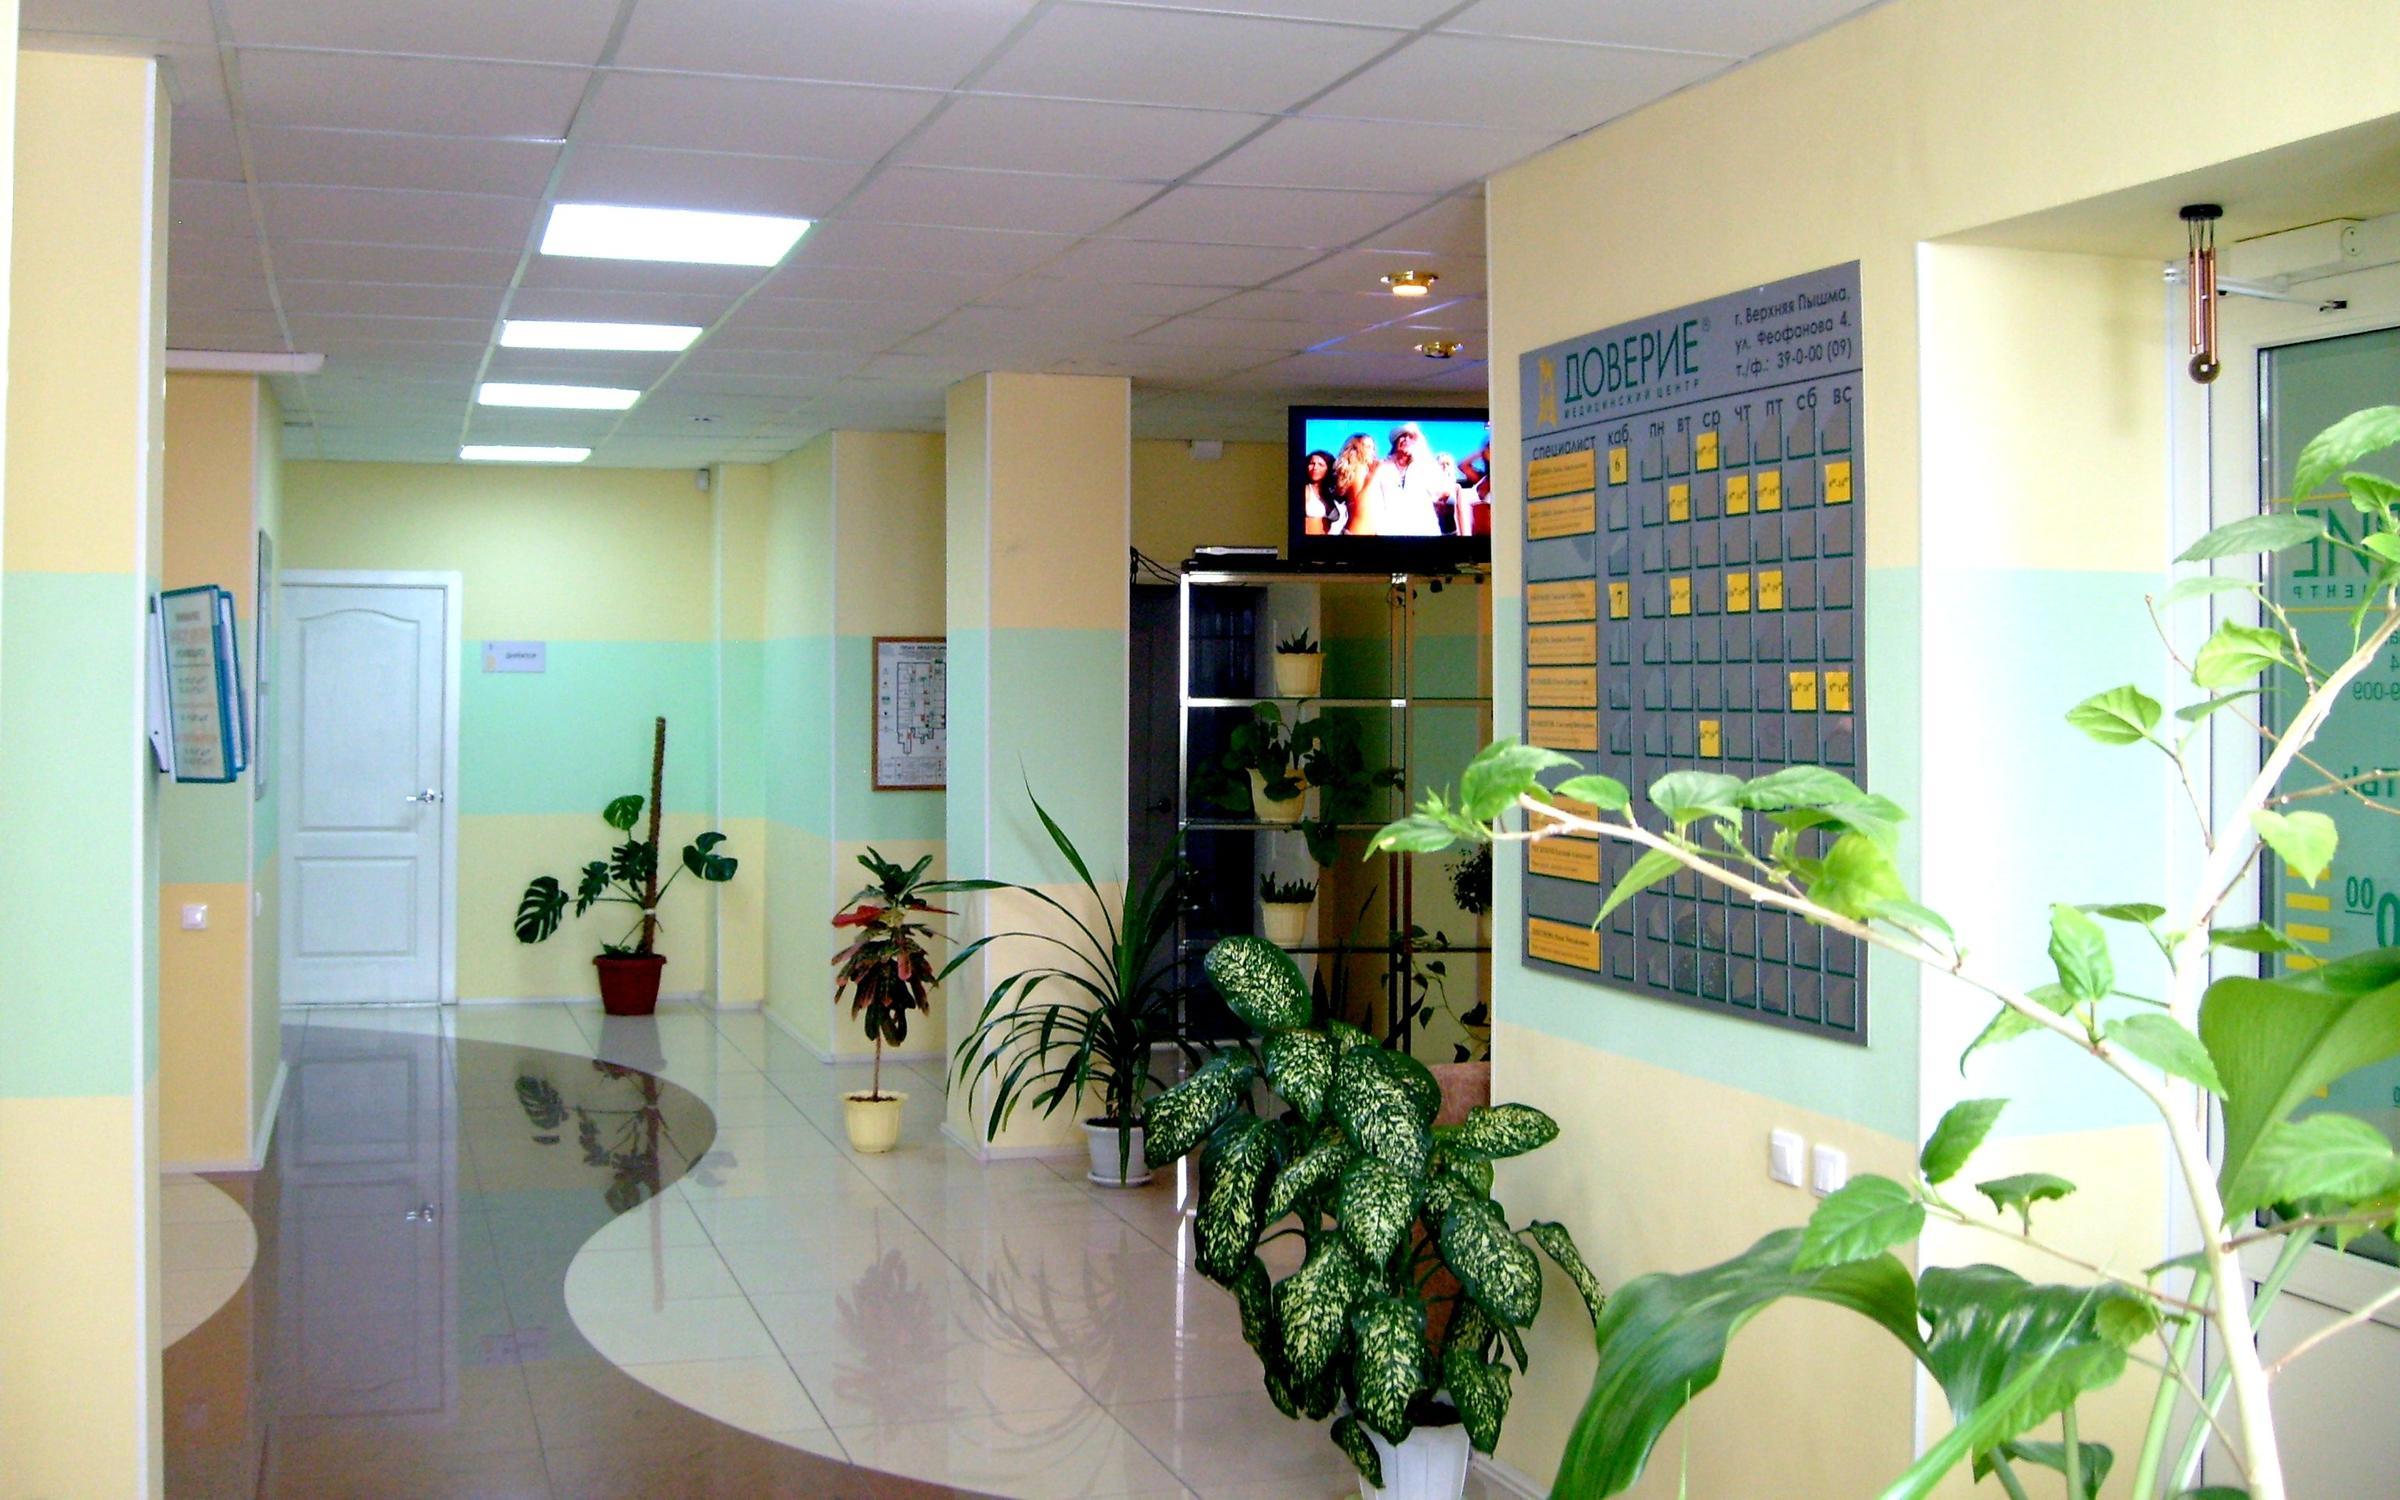 фотография Медицинского центра Доверие в Верхней Пышме